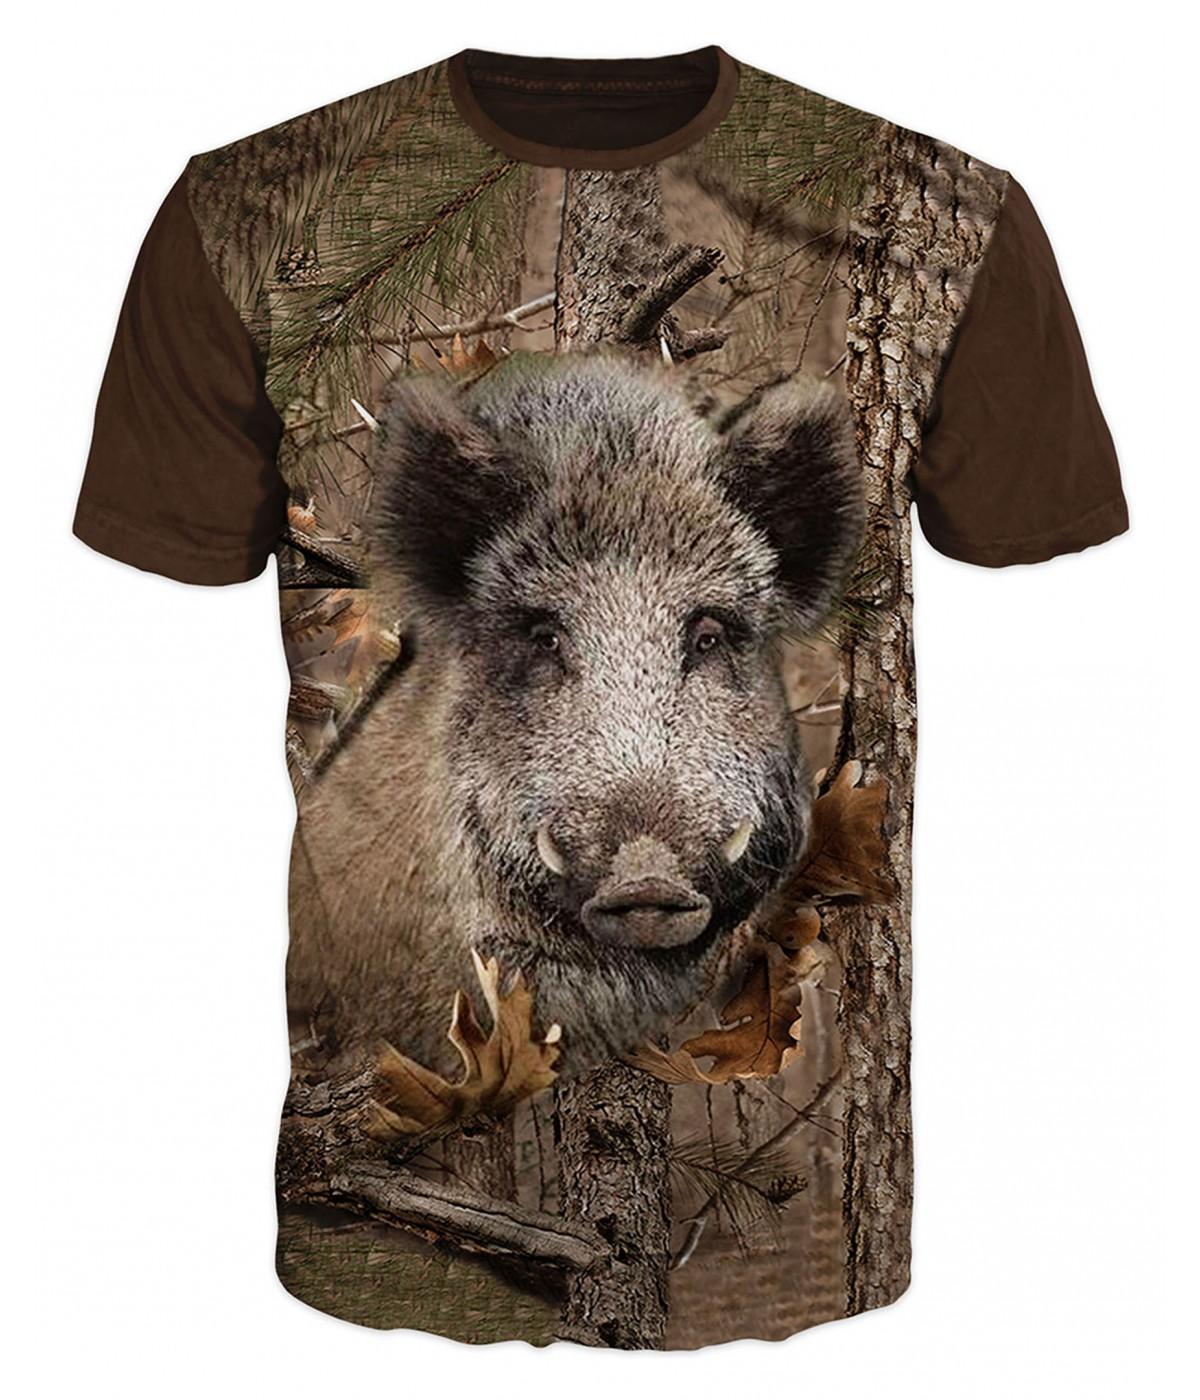 Ловна тениска с диво прасе с клони